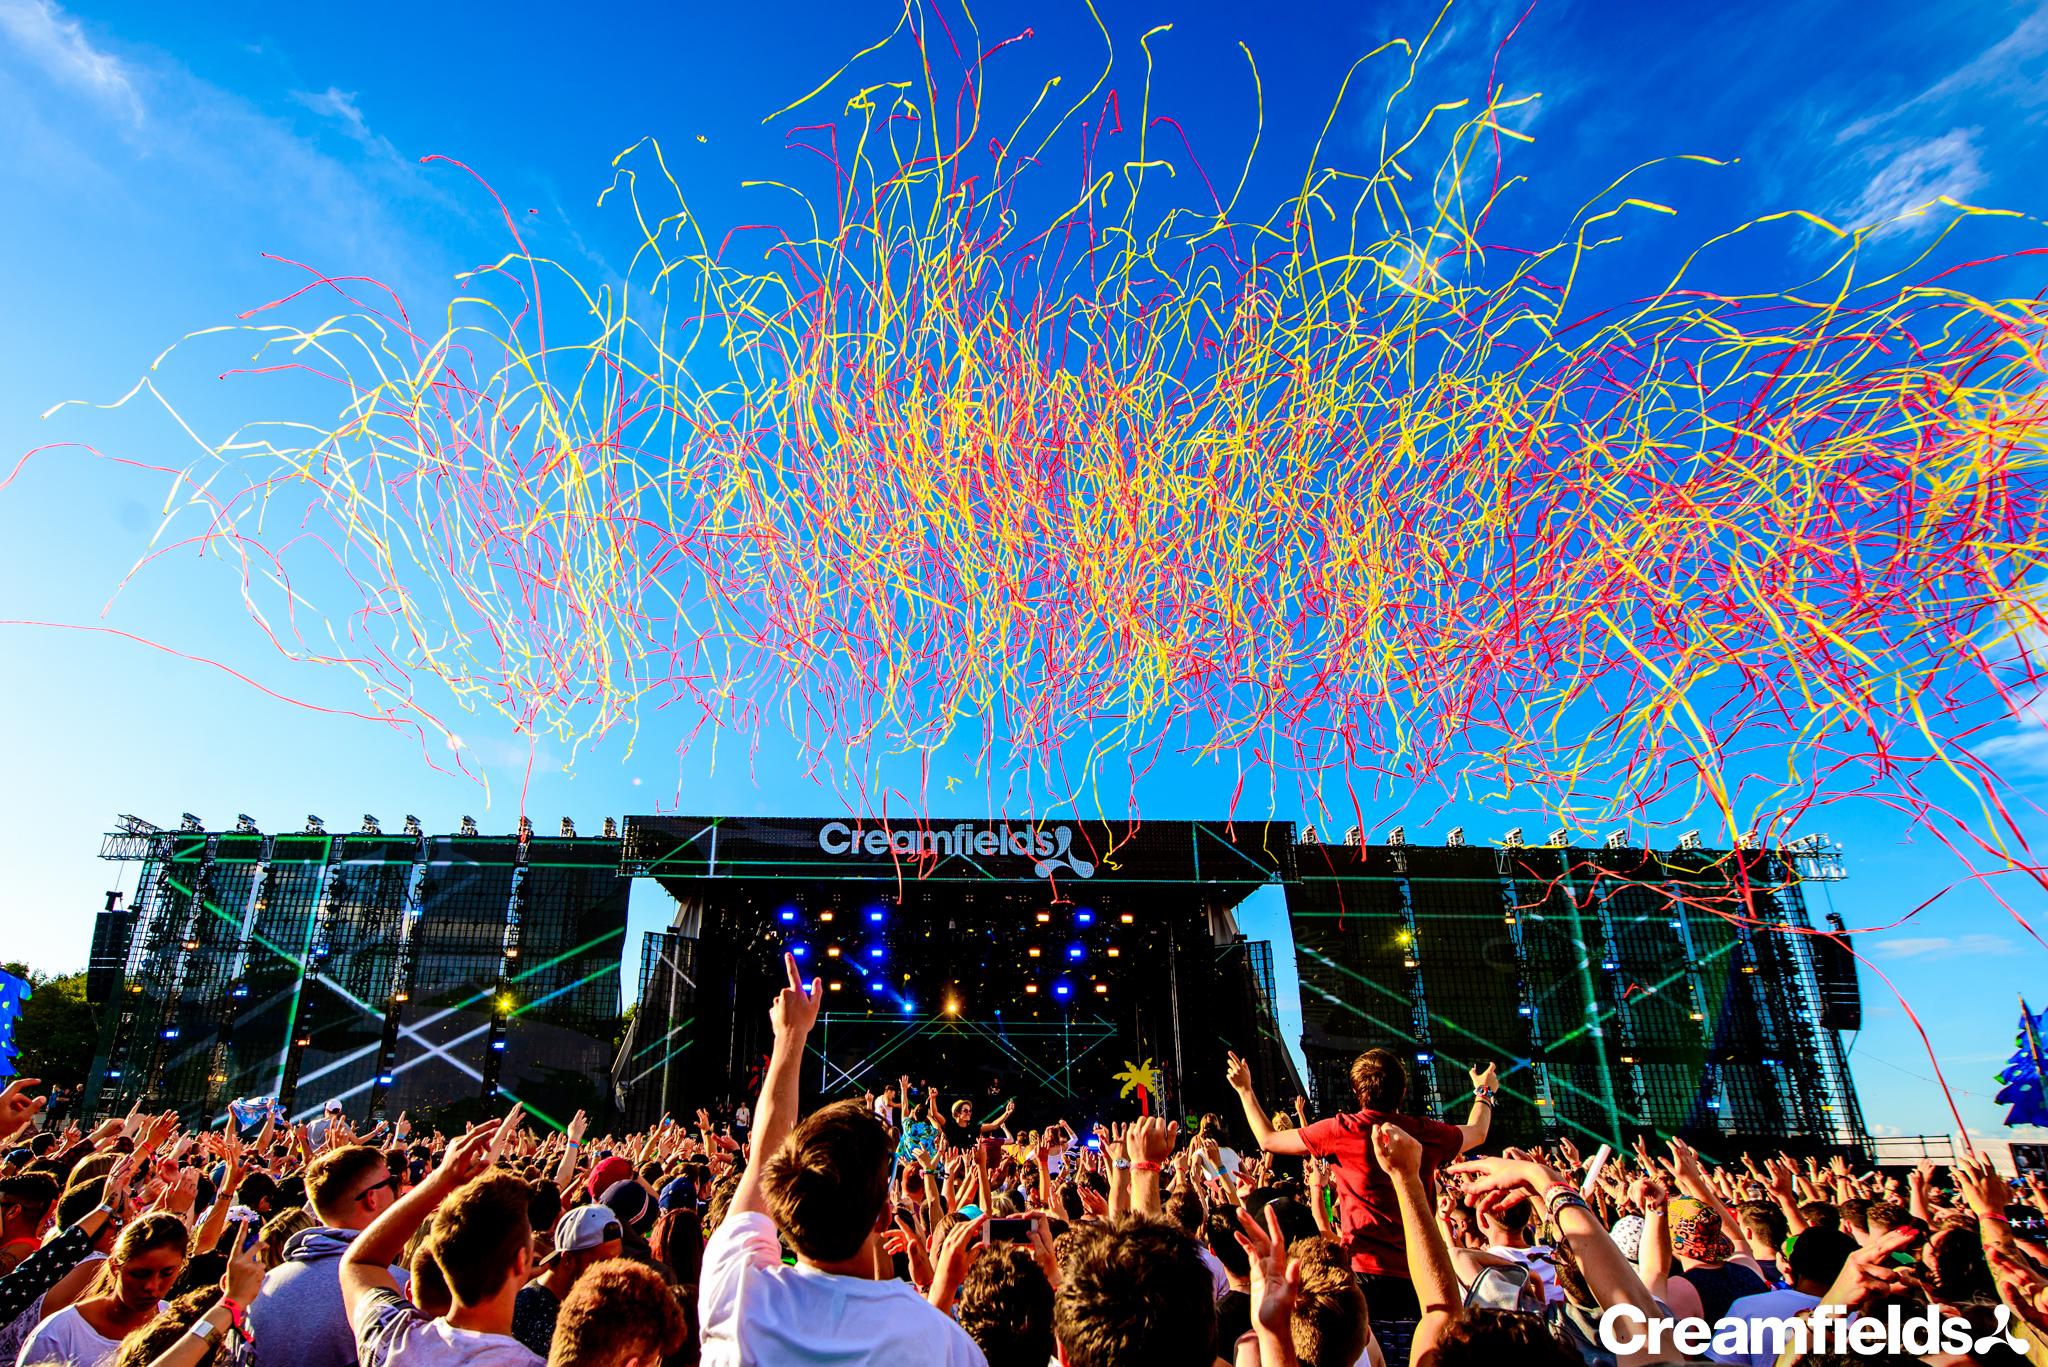 Creamfields-Uk-Pic-by-Anthony-Mooney.jpg